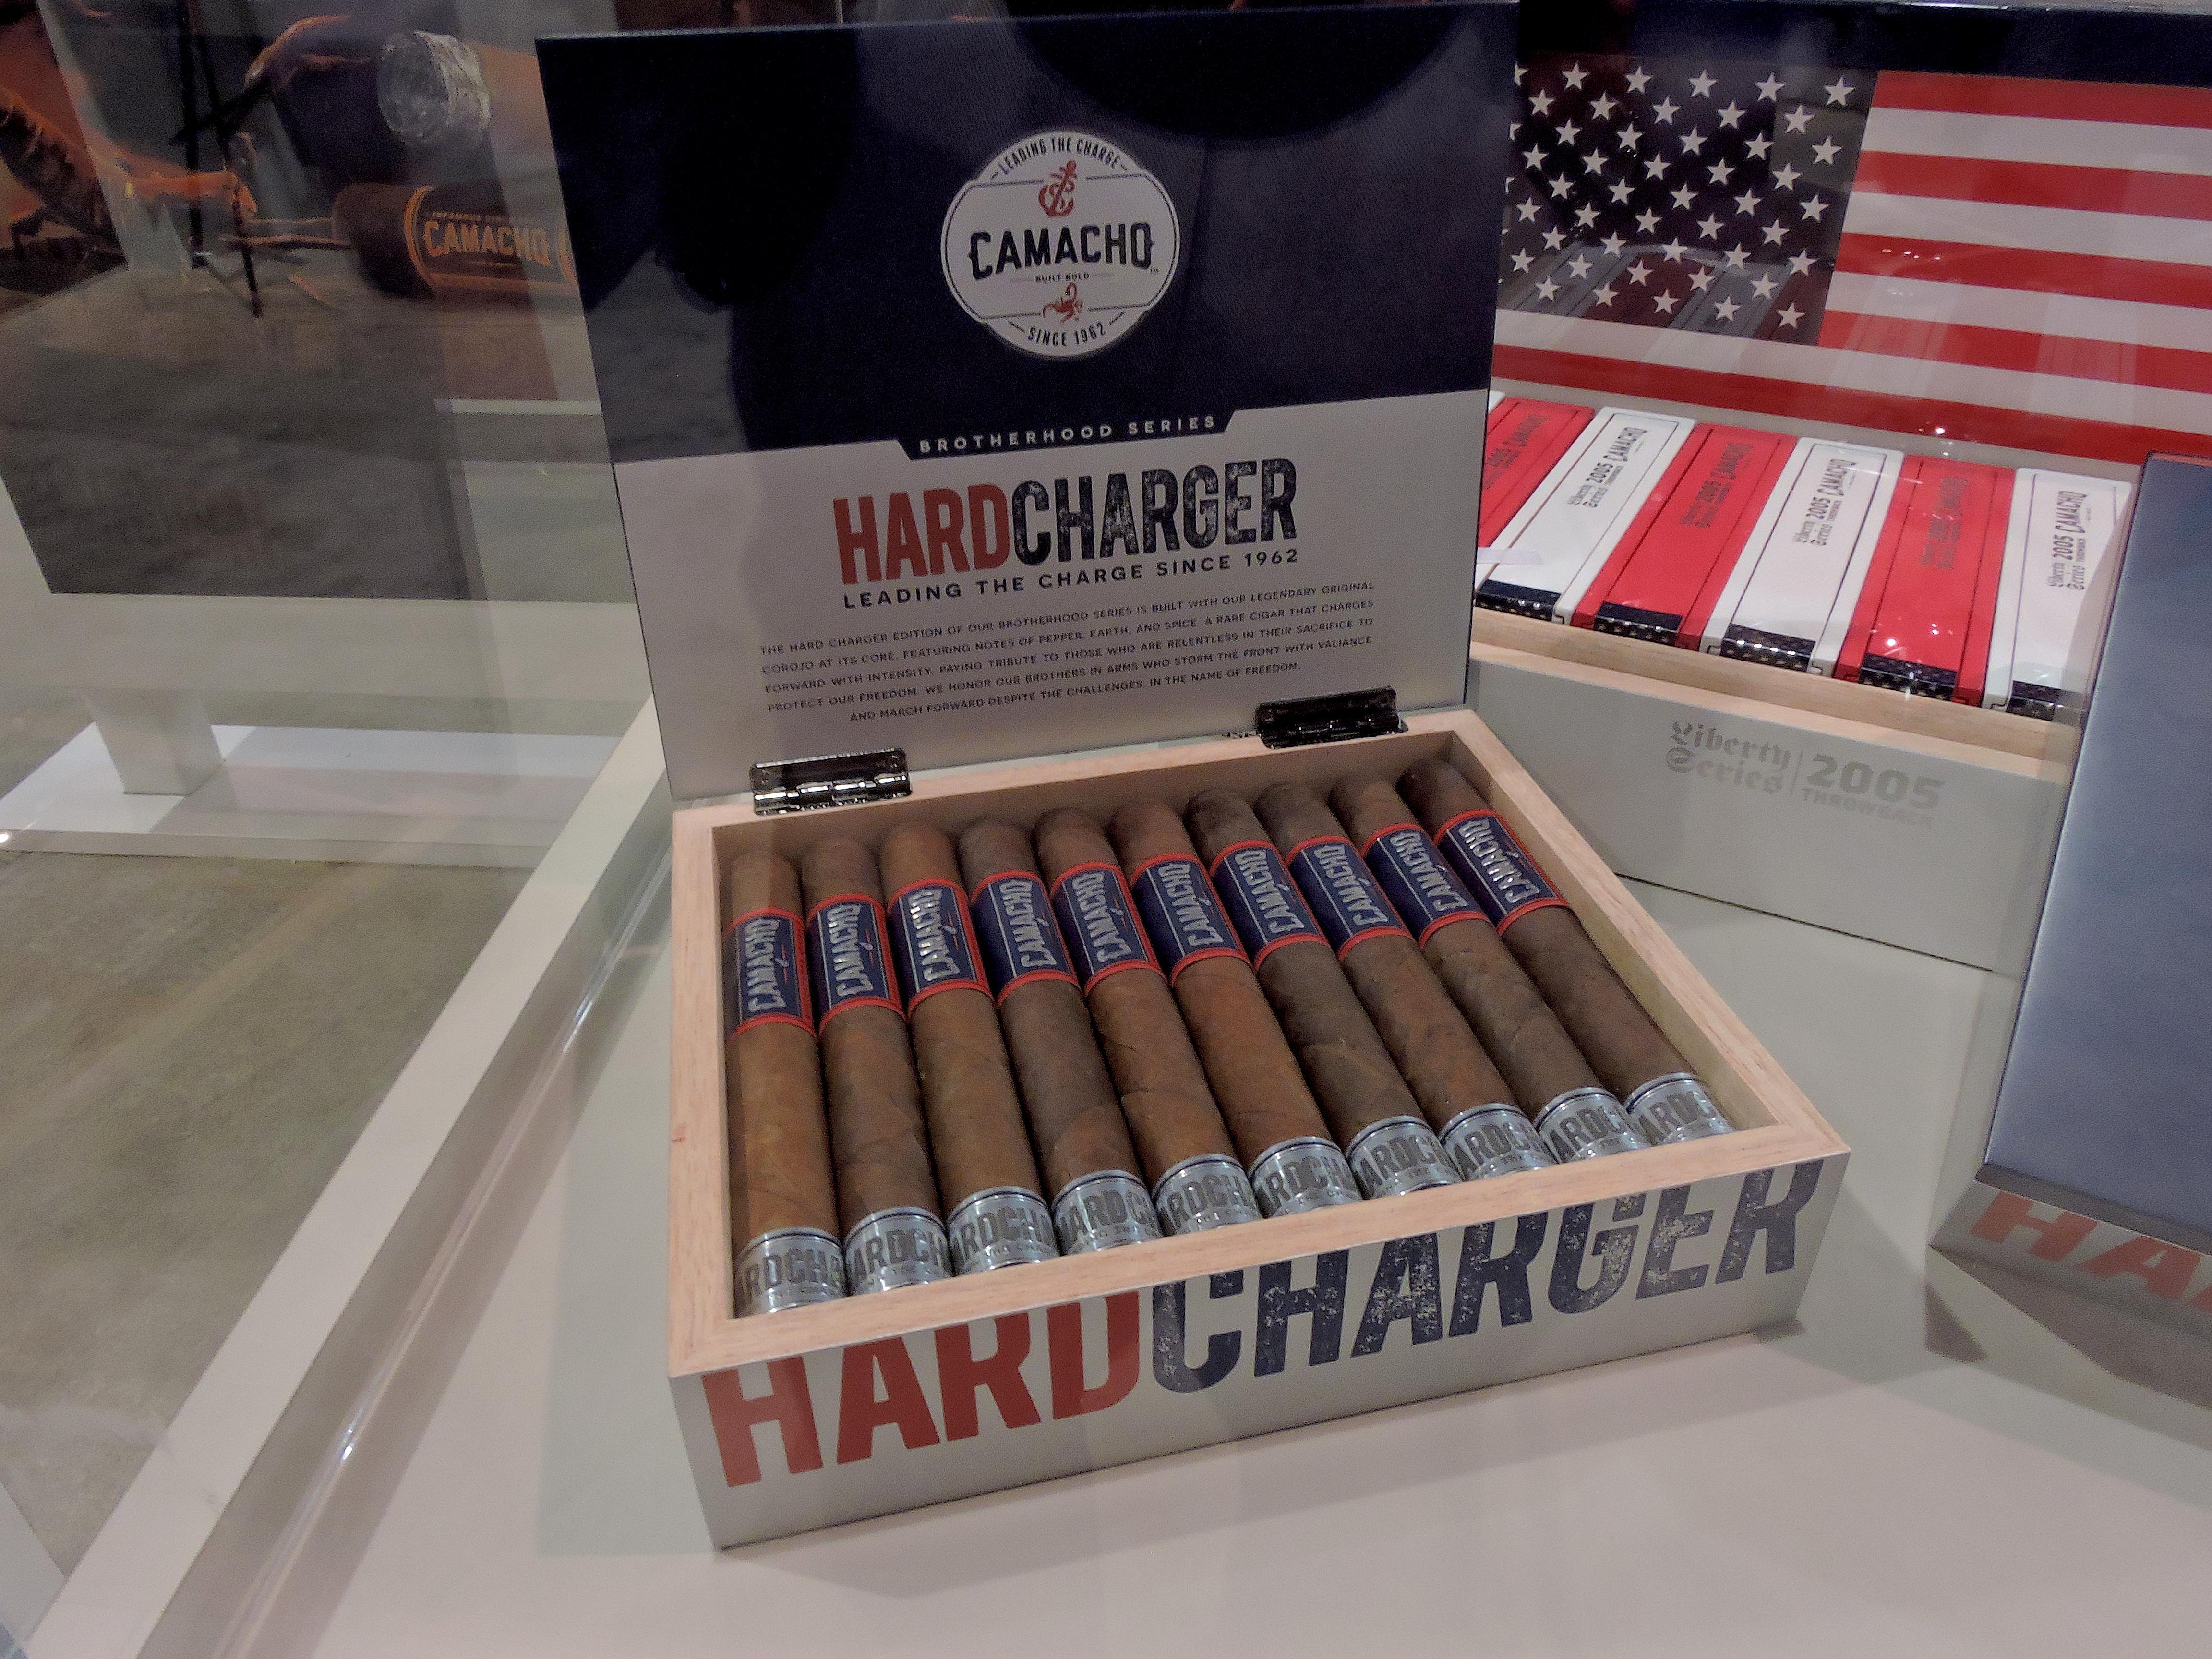 Camacho Hardcharger